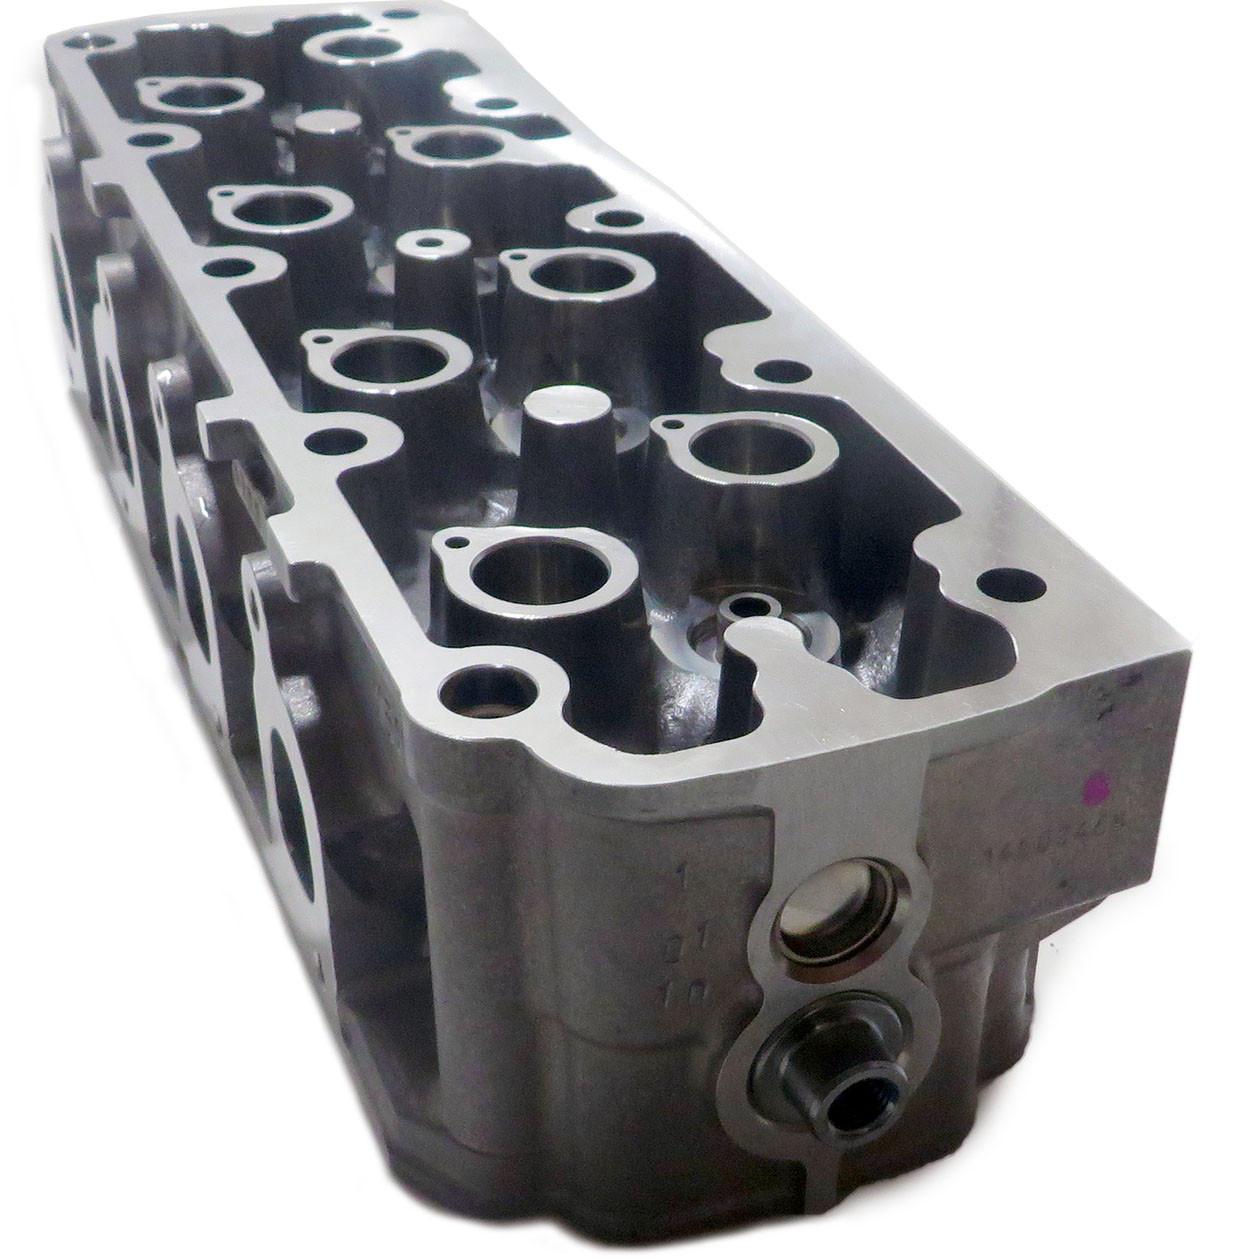 Головка блока цилиндров Ланос 1.5 (под клапана ланос), 96182931, 94580900